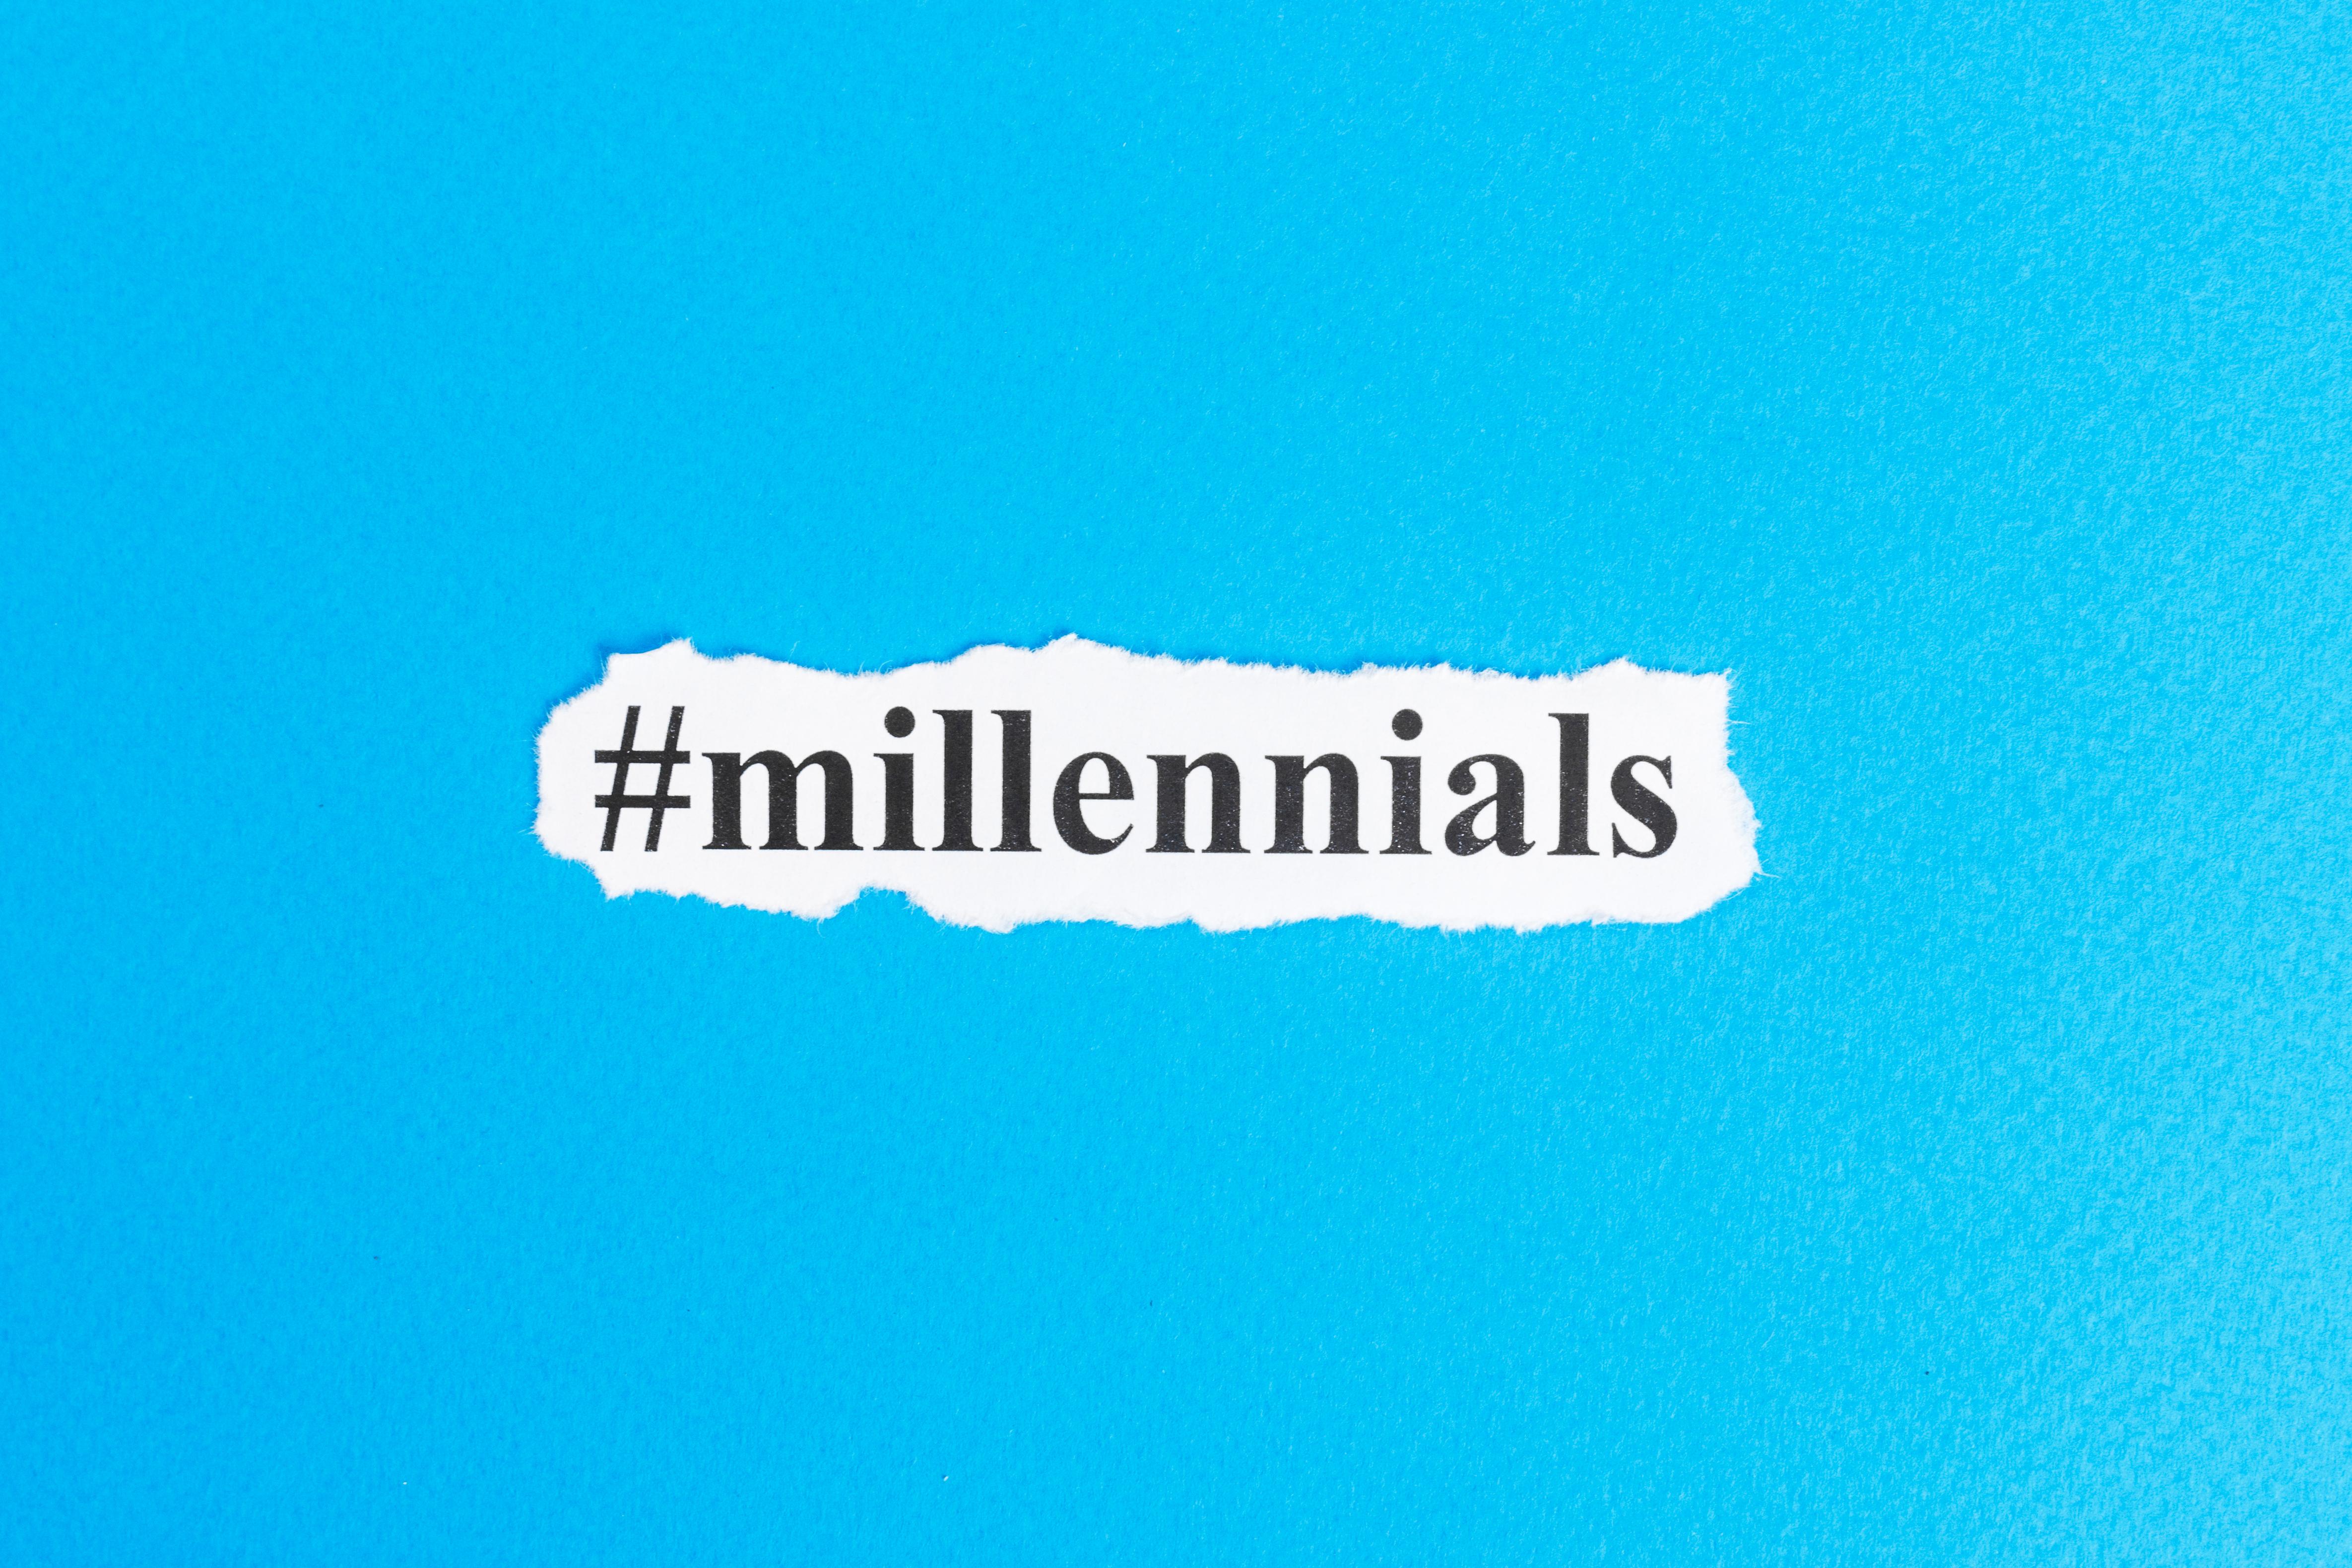 Millennials millennial